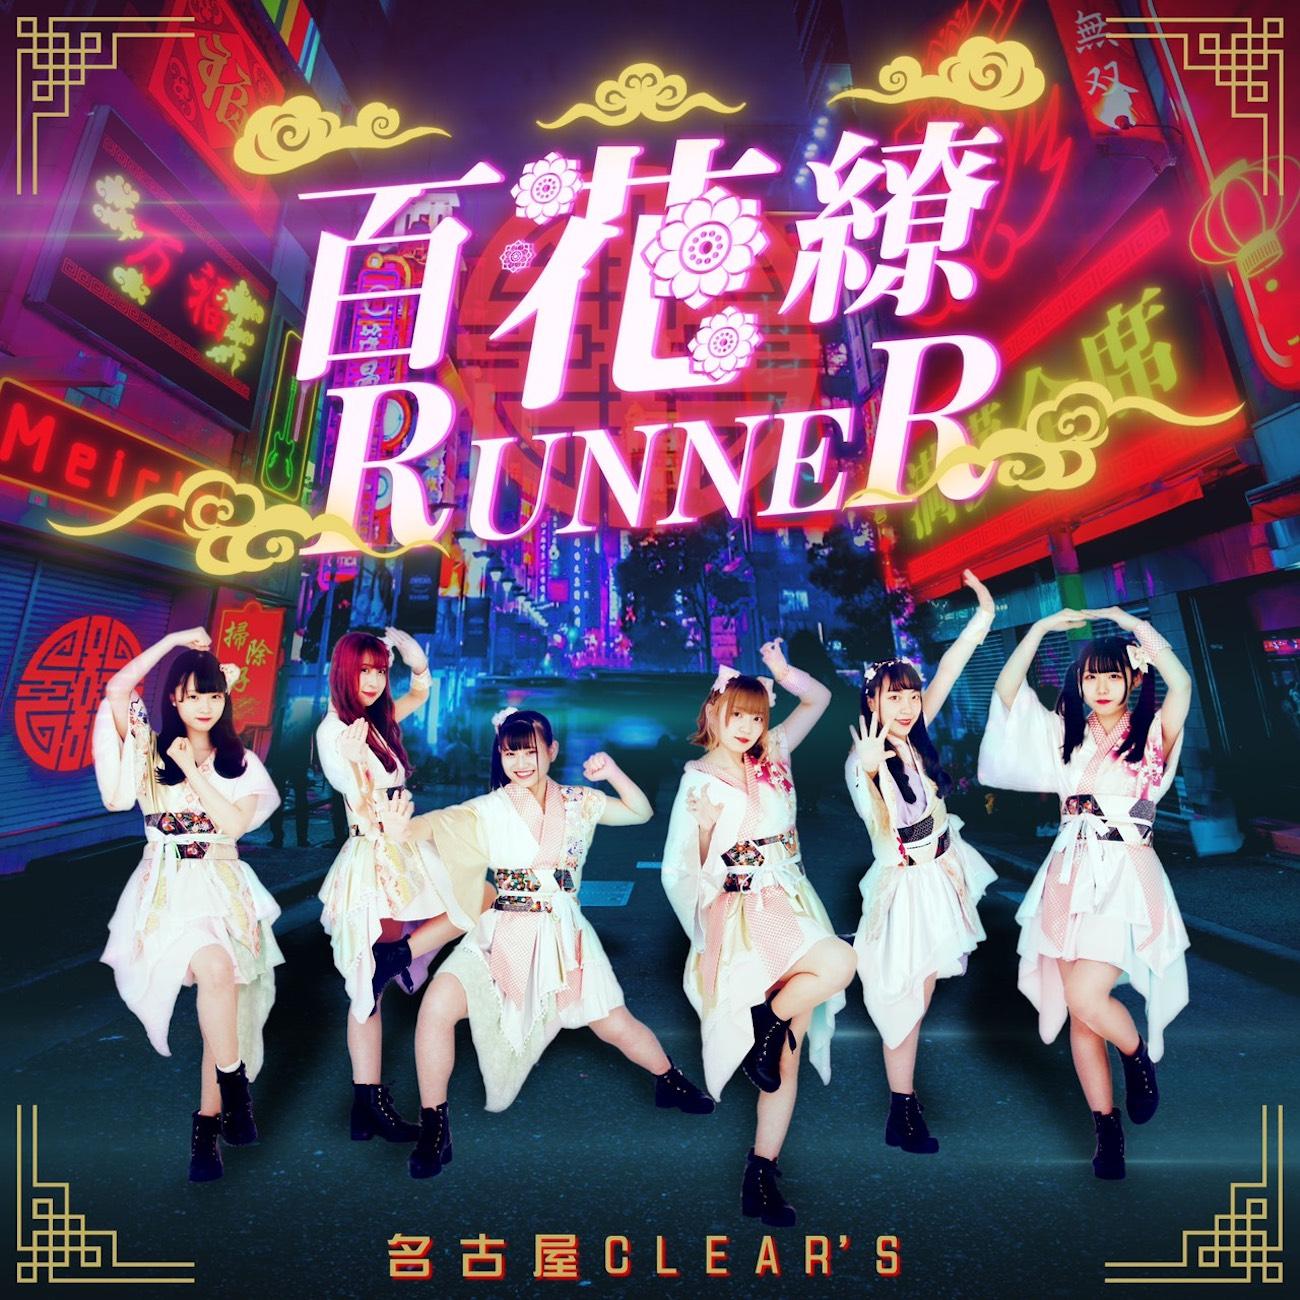 名古屋 CLEAR'S、新曲「百花繚 RUNNER」